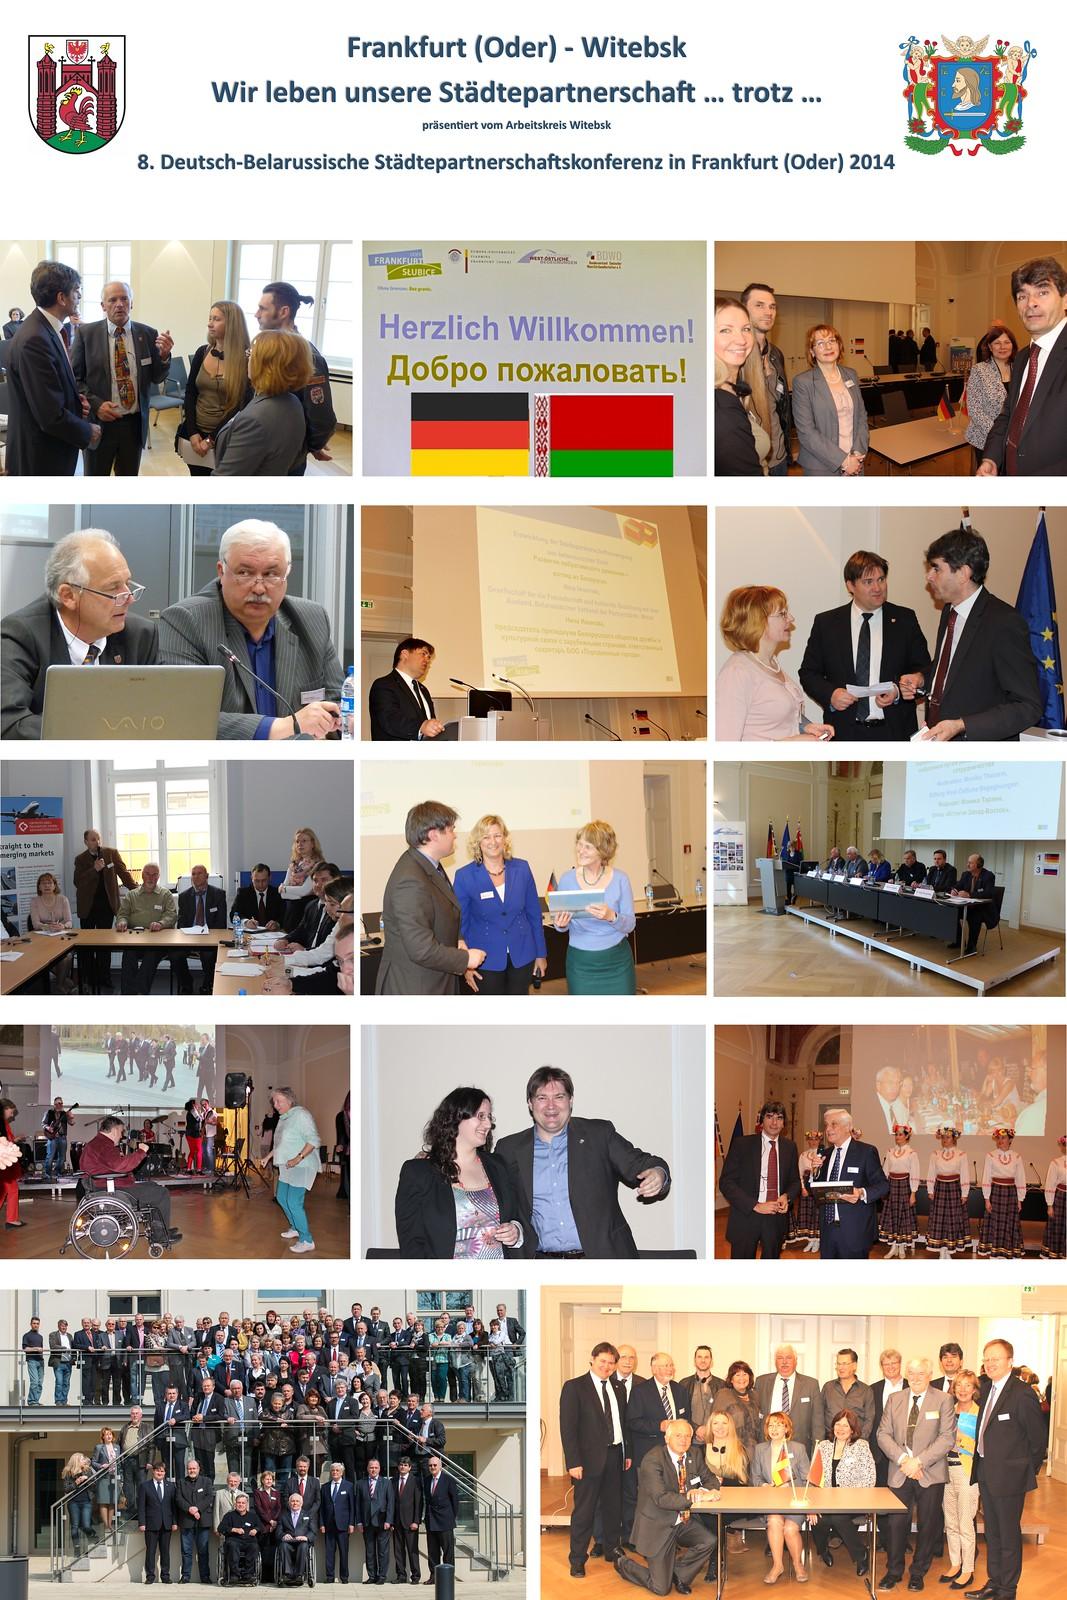 WitebskAusstellung tädtepartnerschaftskonferenz